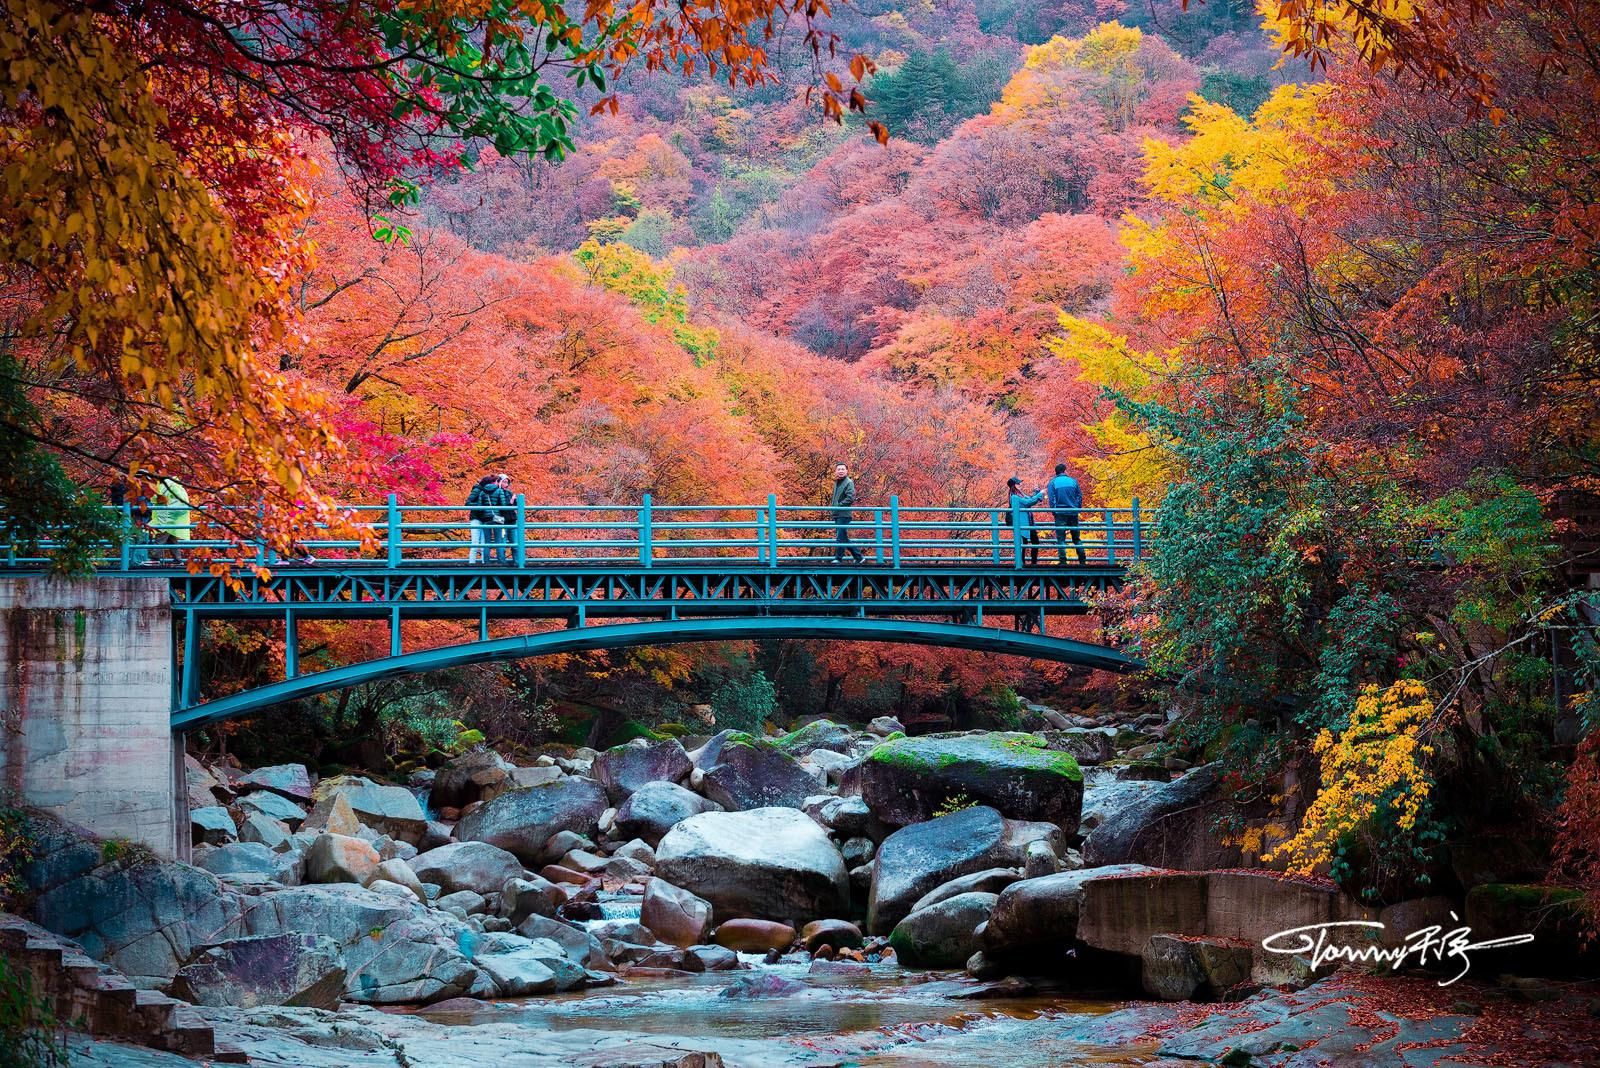 人间忽晚,山河已秋。(四川,光雾山) @微博摄影